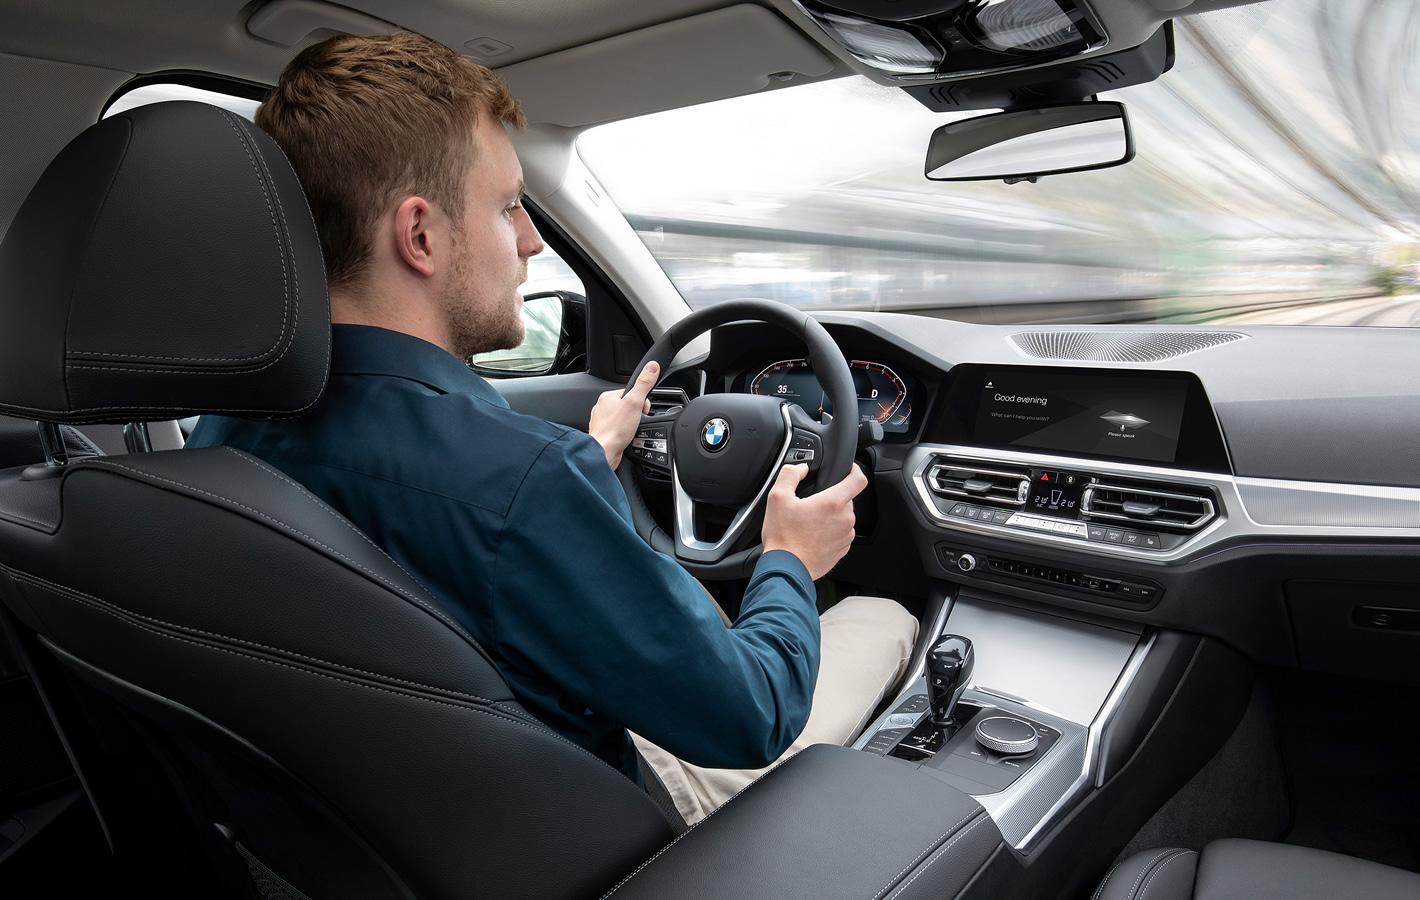 BMW - inteligentny asystent BMW